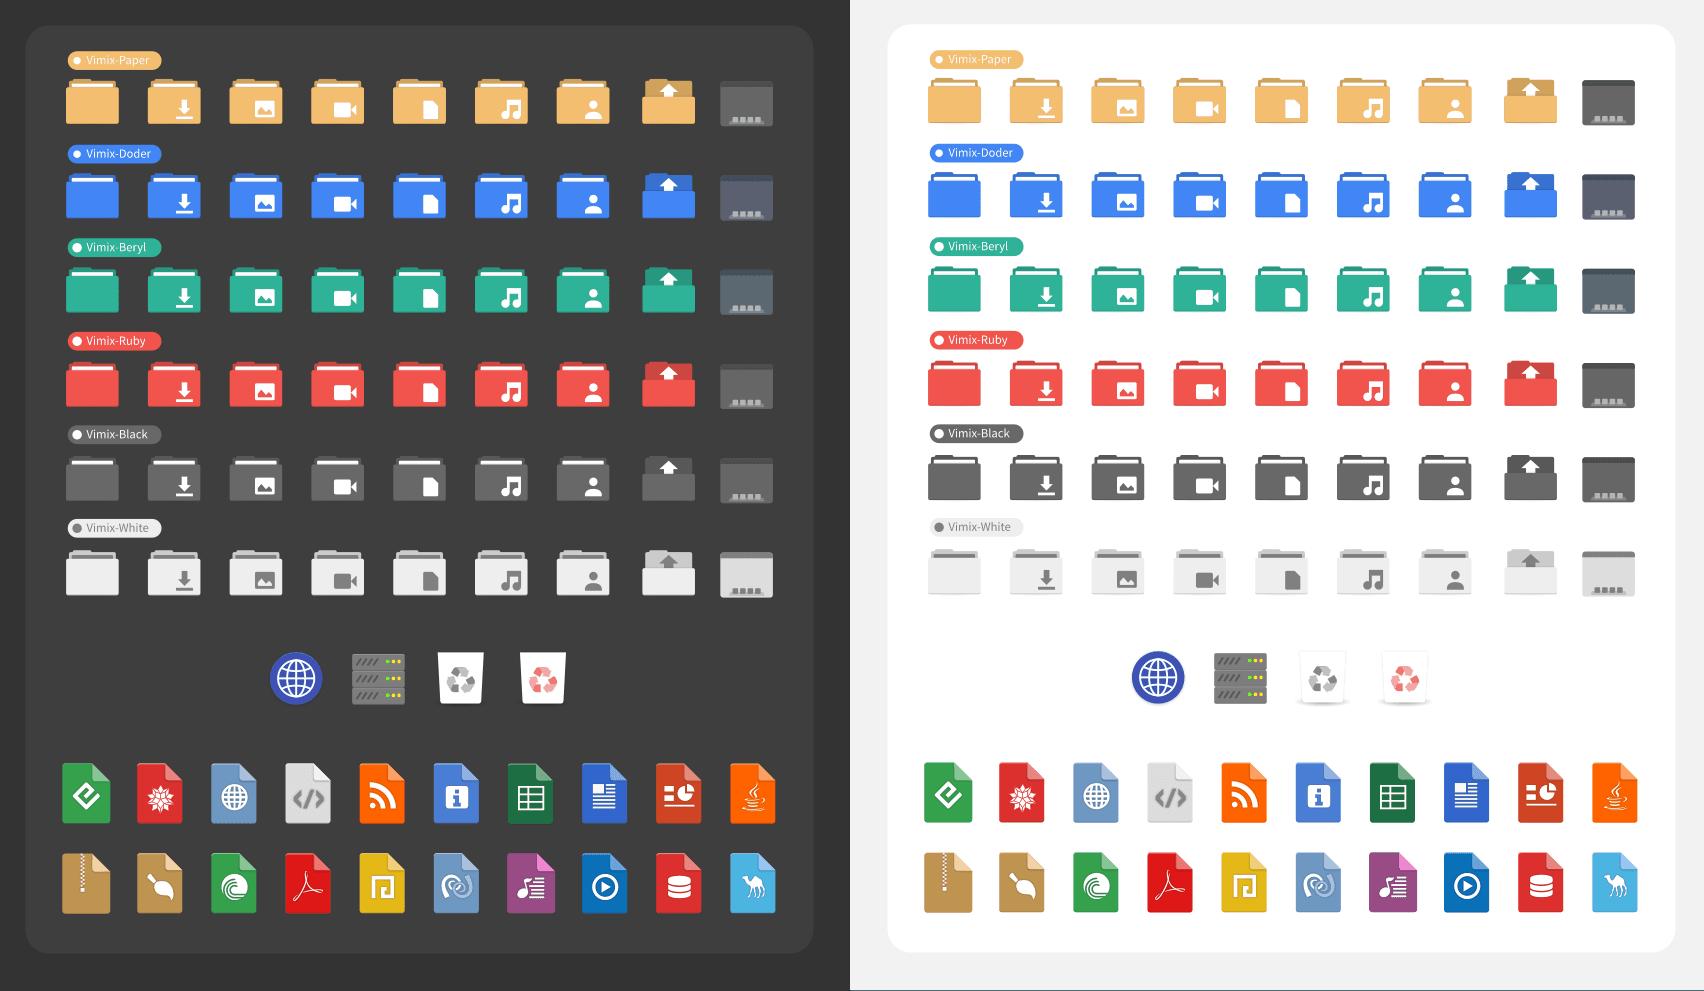 vimix icons